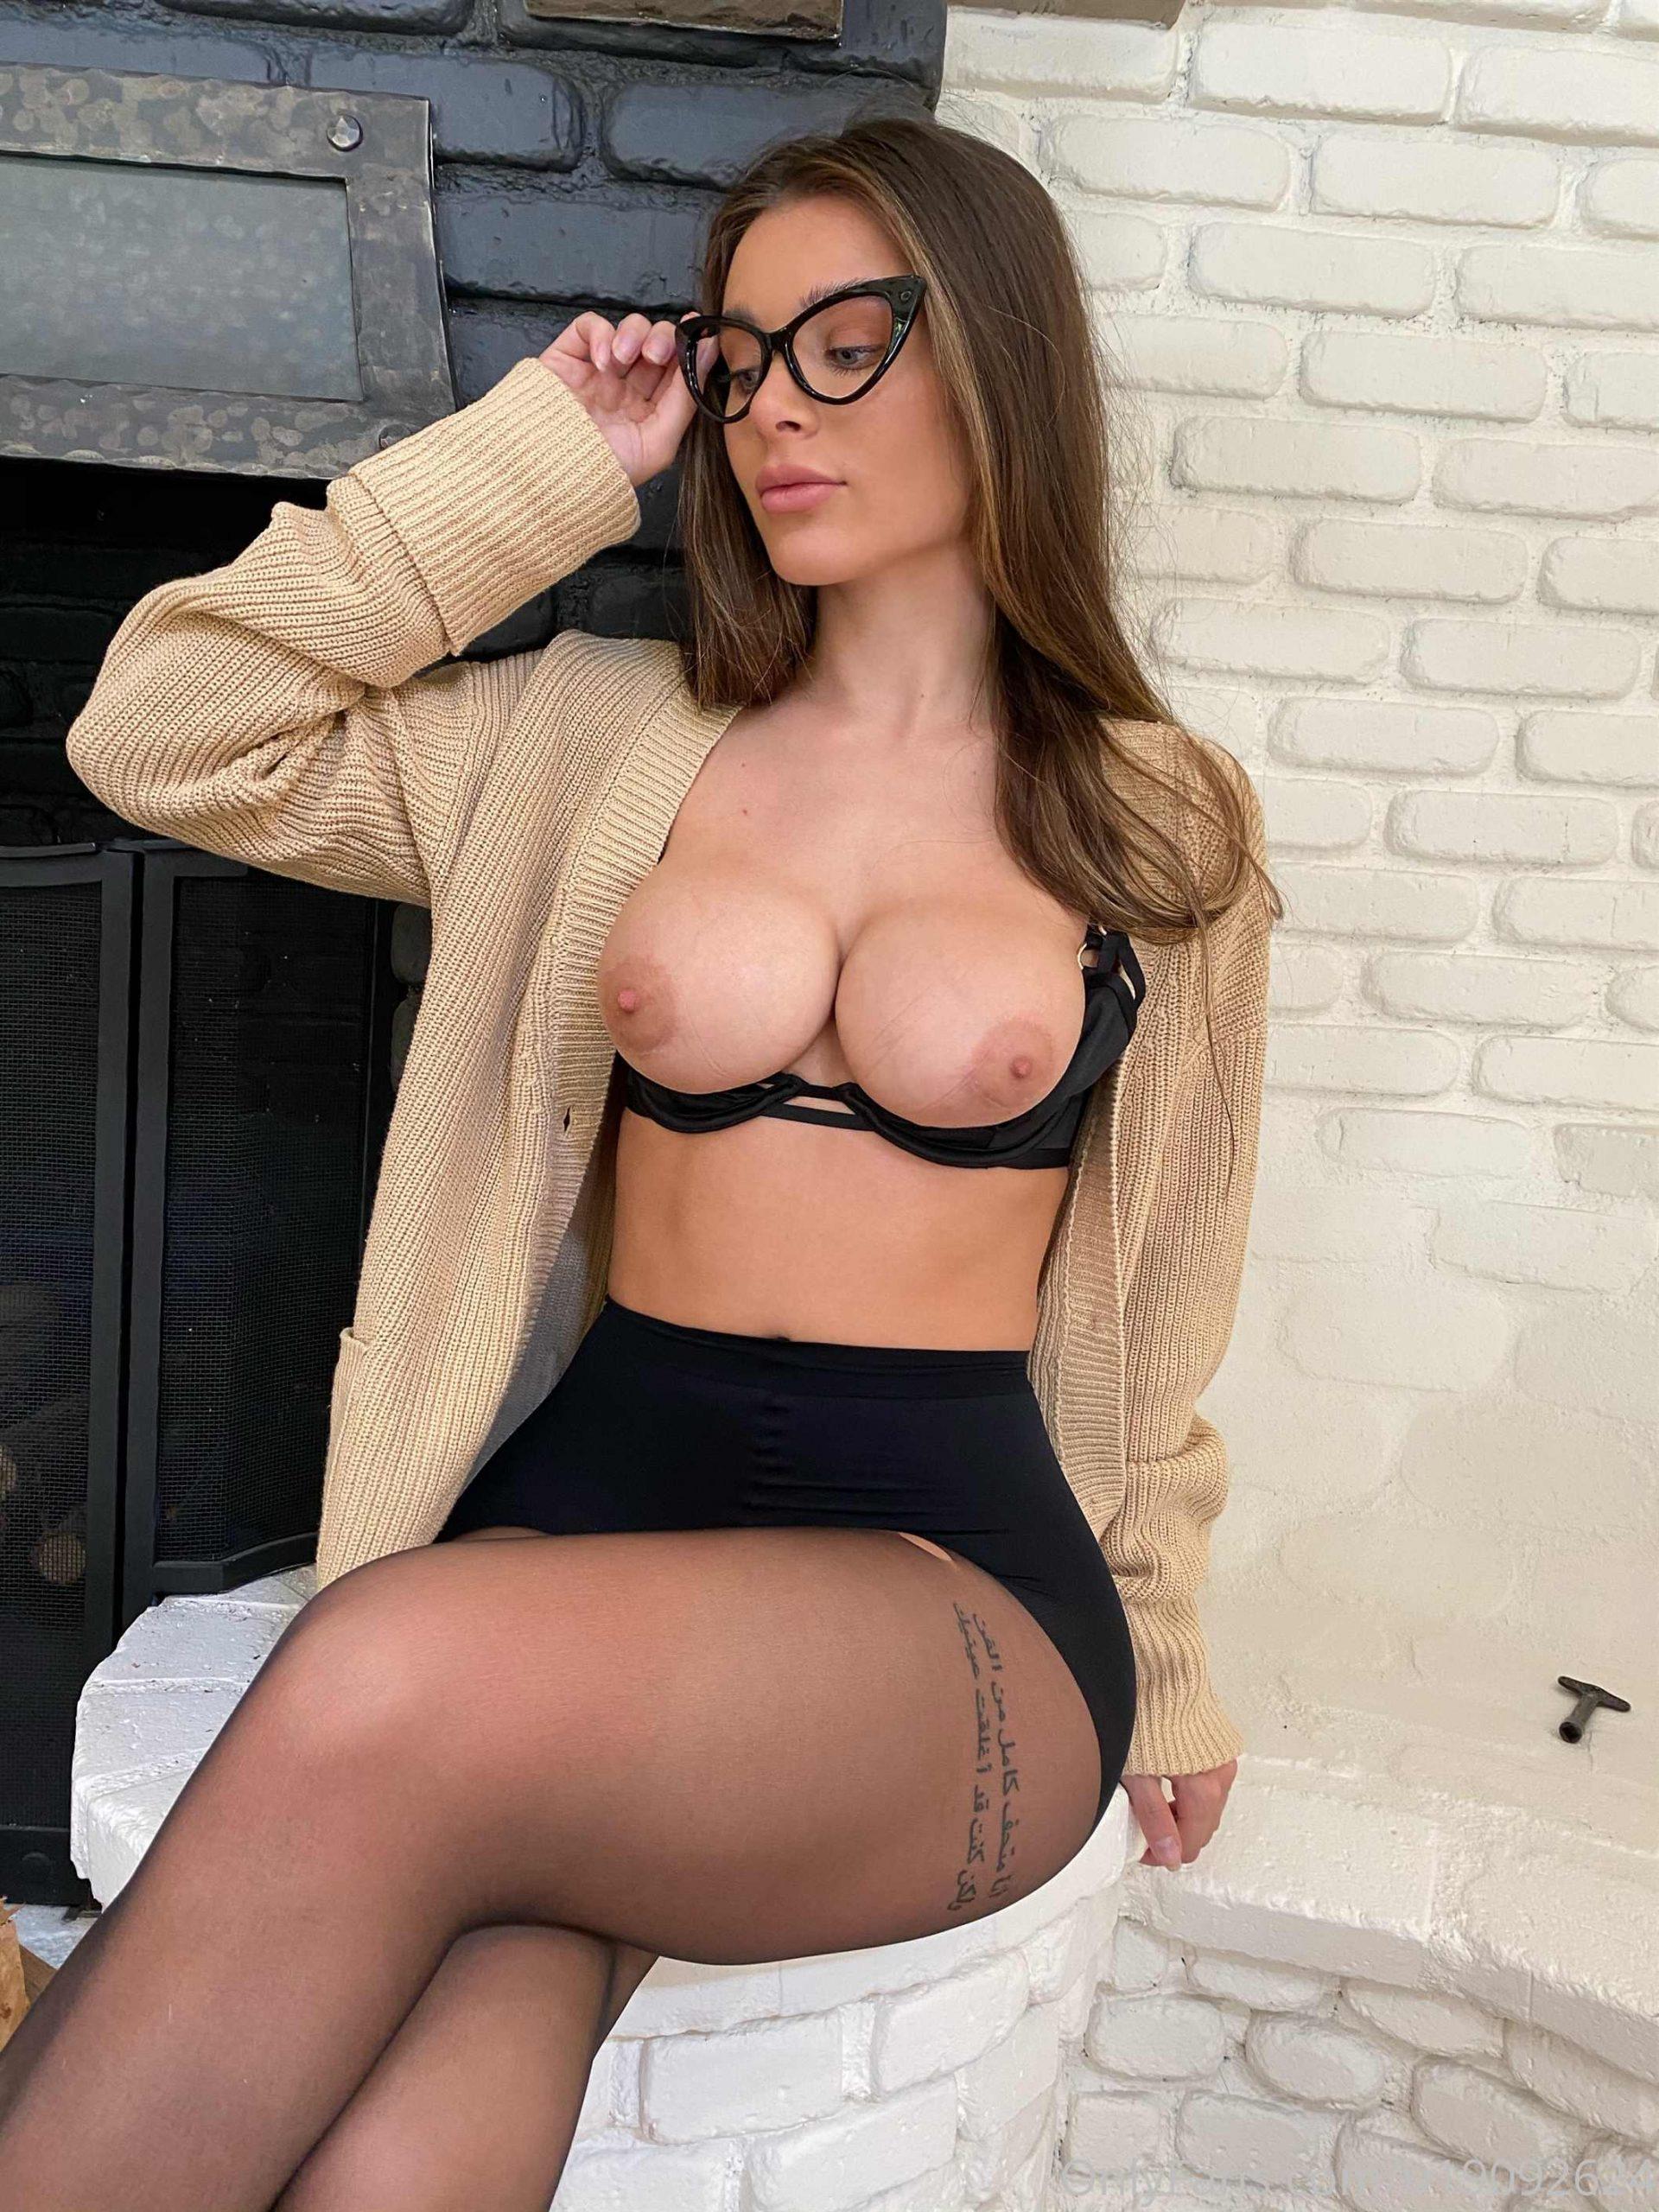 Lana Rhoades nude big tits onlyfan leaks - Lana Rhoades OnlyFans Nude Porn Videos